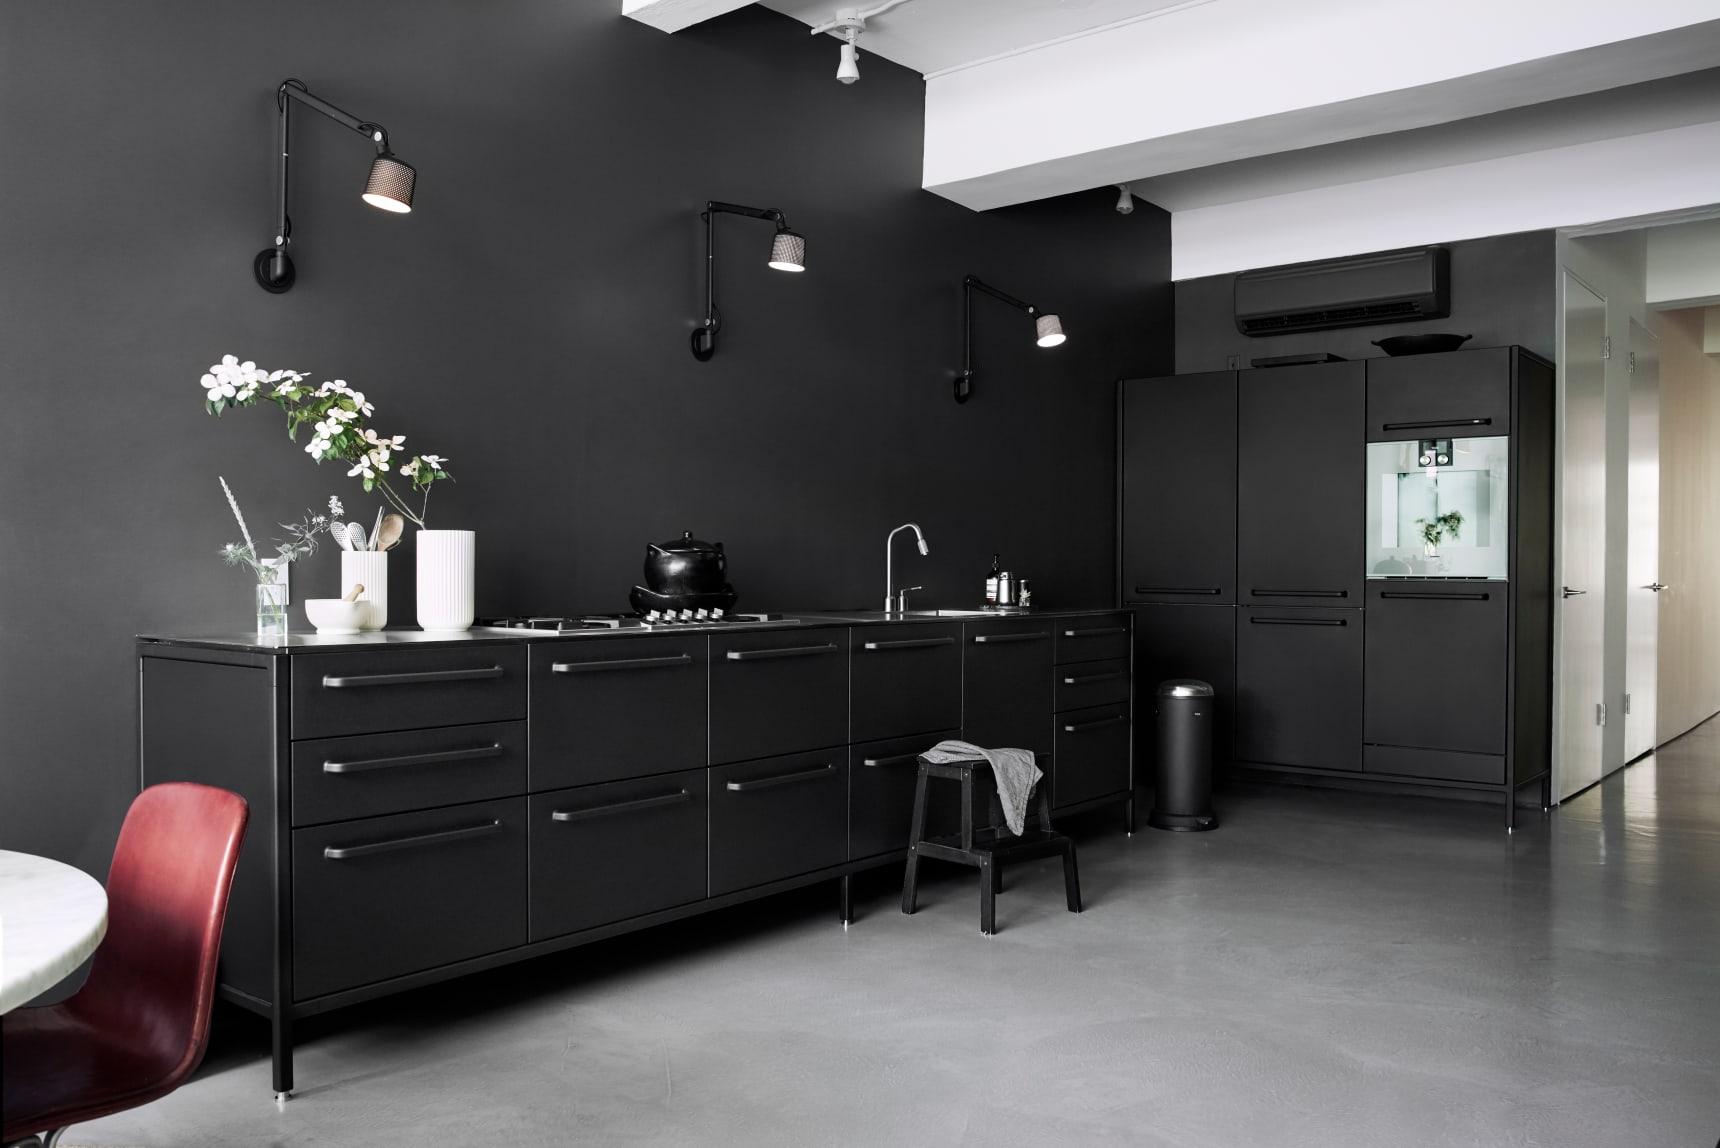 Küchen-Design Inspirationen: So könnte Deine nächste Küche aussehen 9